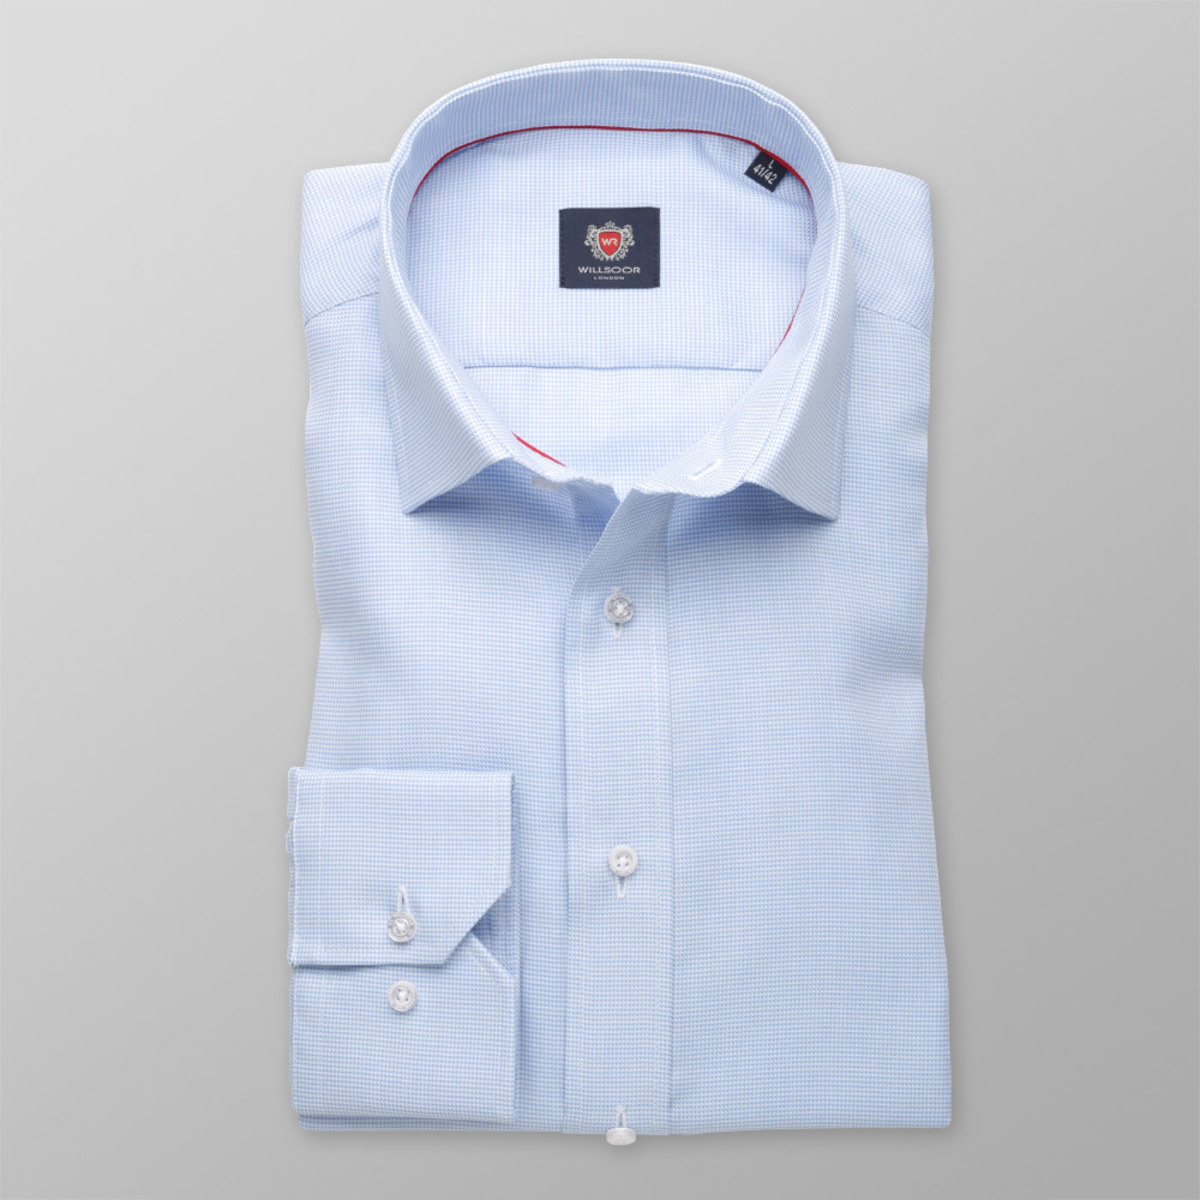 Pánská slim fit košile London (výška 198-204) 8319 v modré barvě 198-204 / XL (Límeček 43/44)